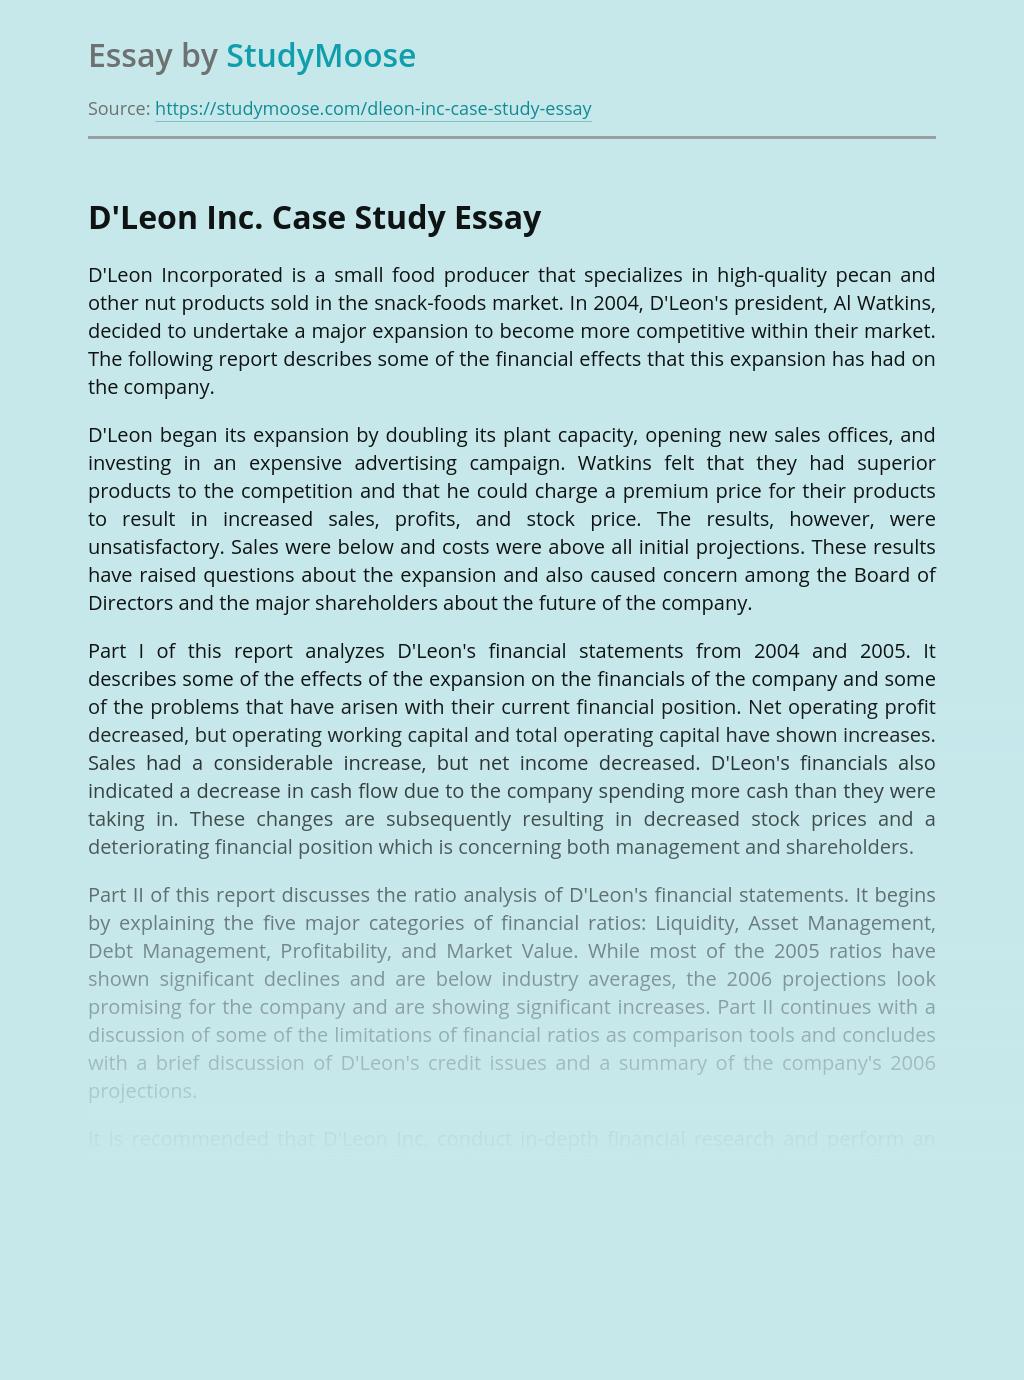 D'Leon Inc. Case Study